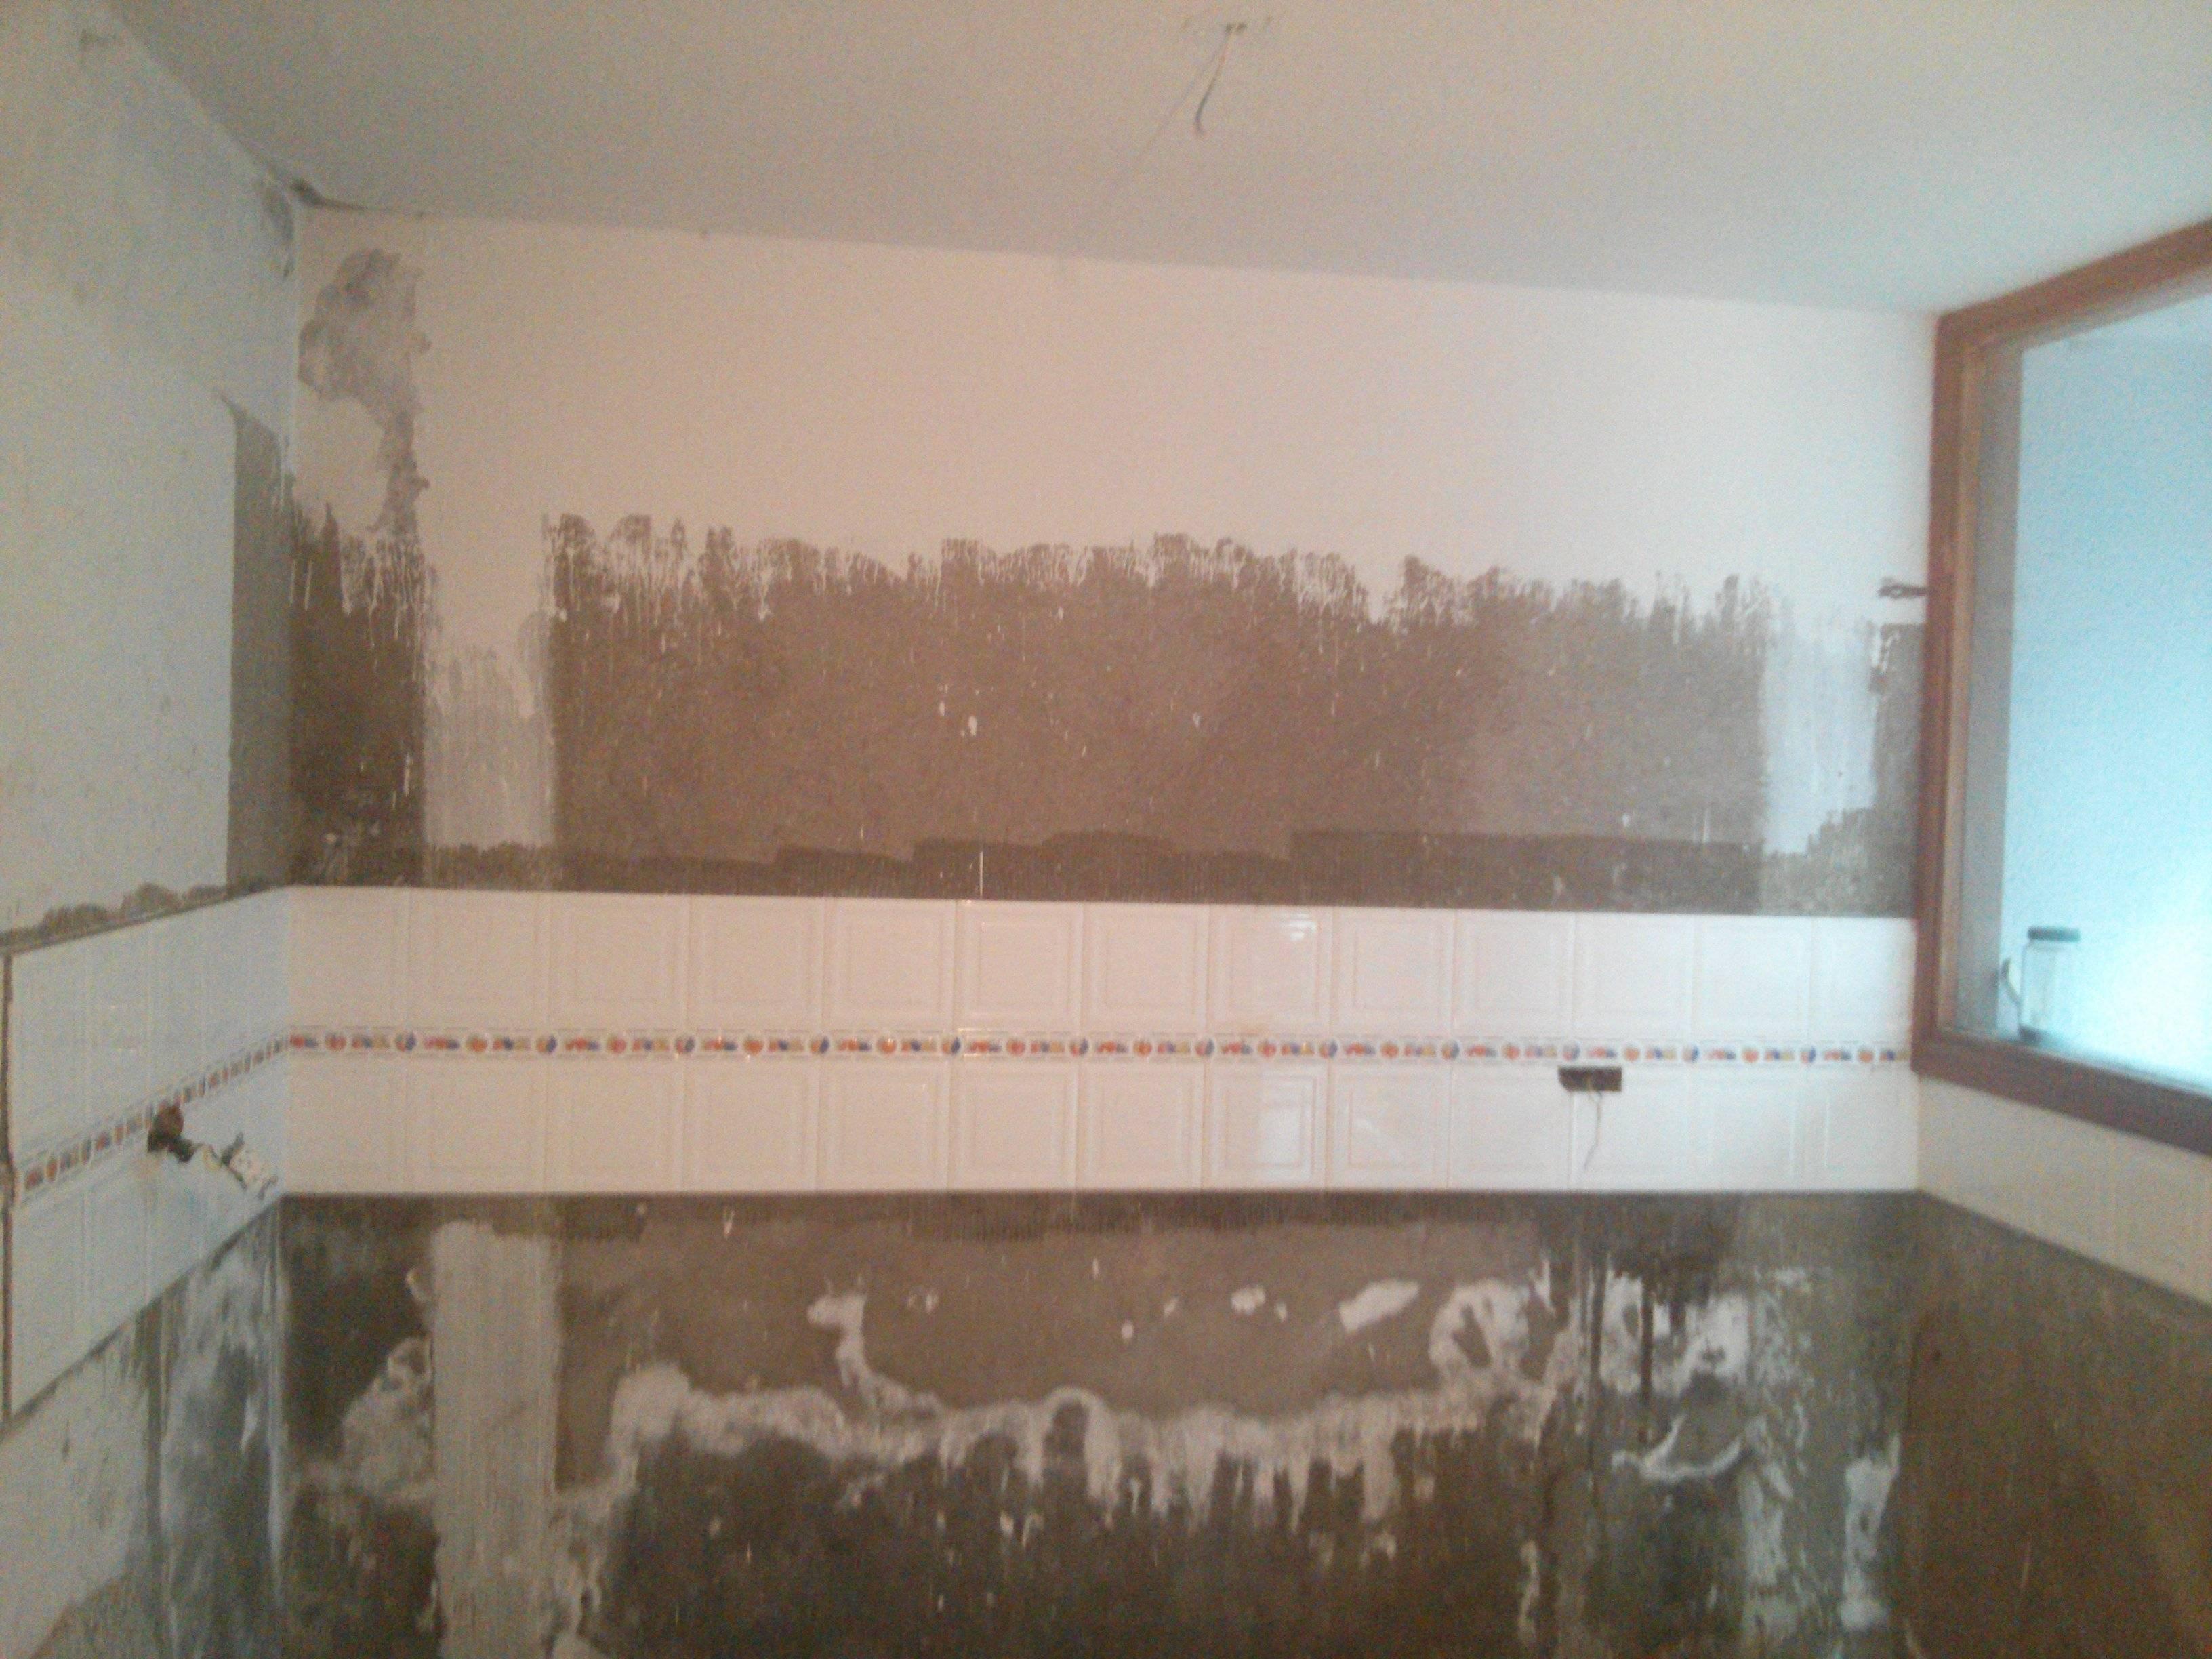 Bathroom How Do You Install A Granite Counter Top As A